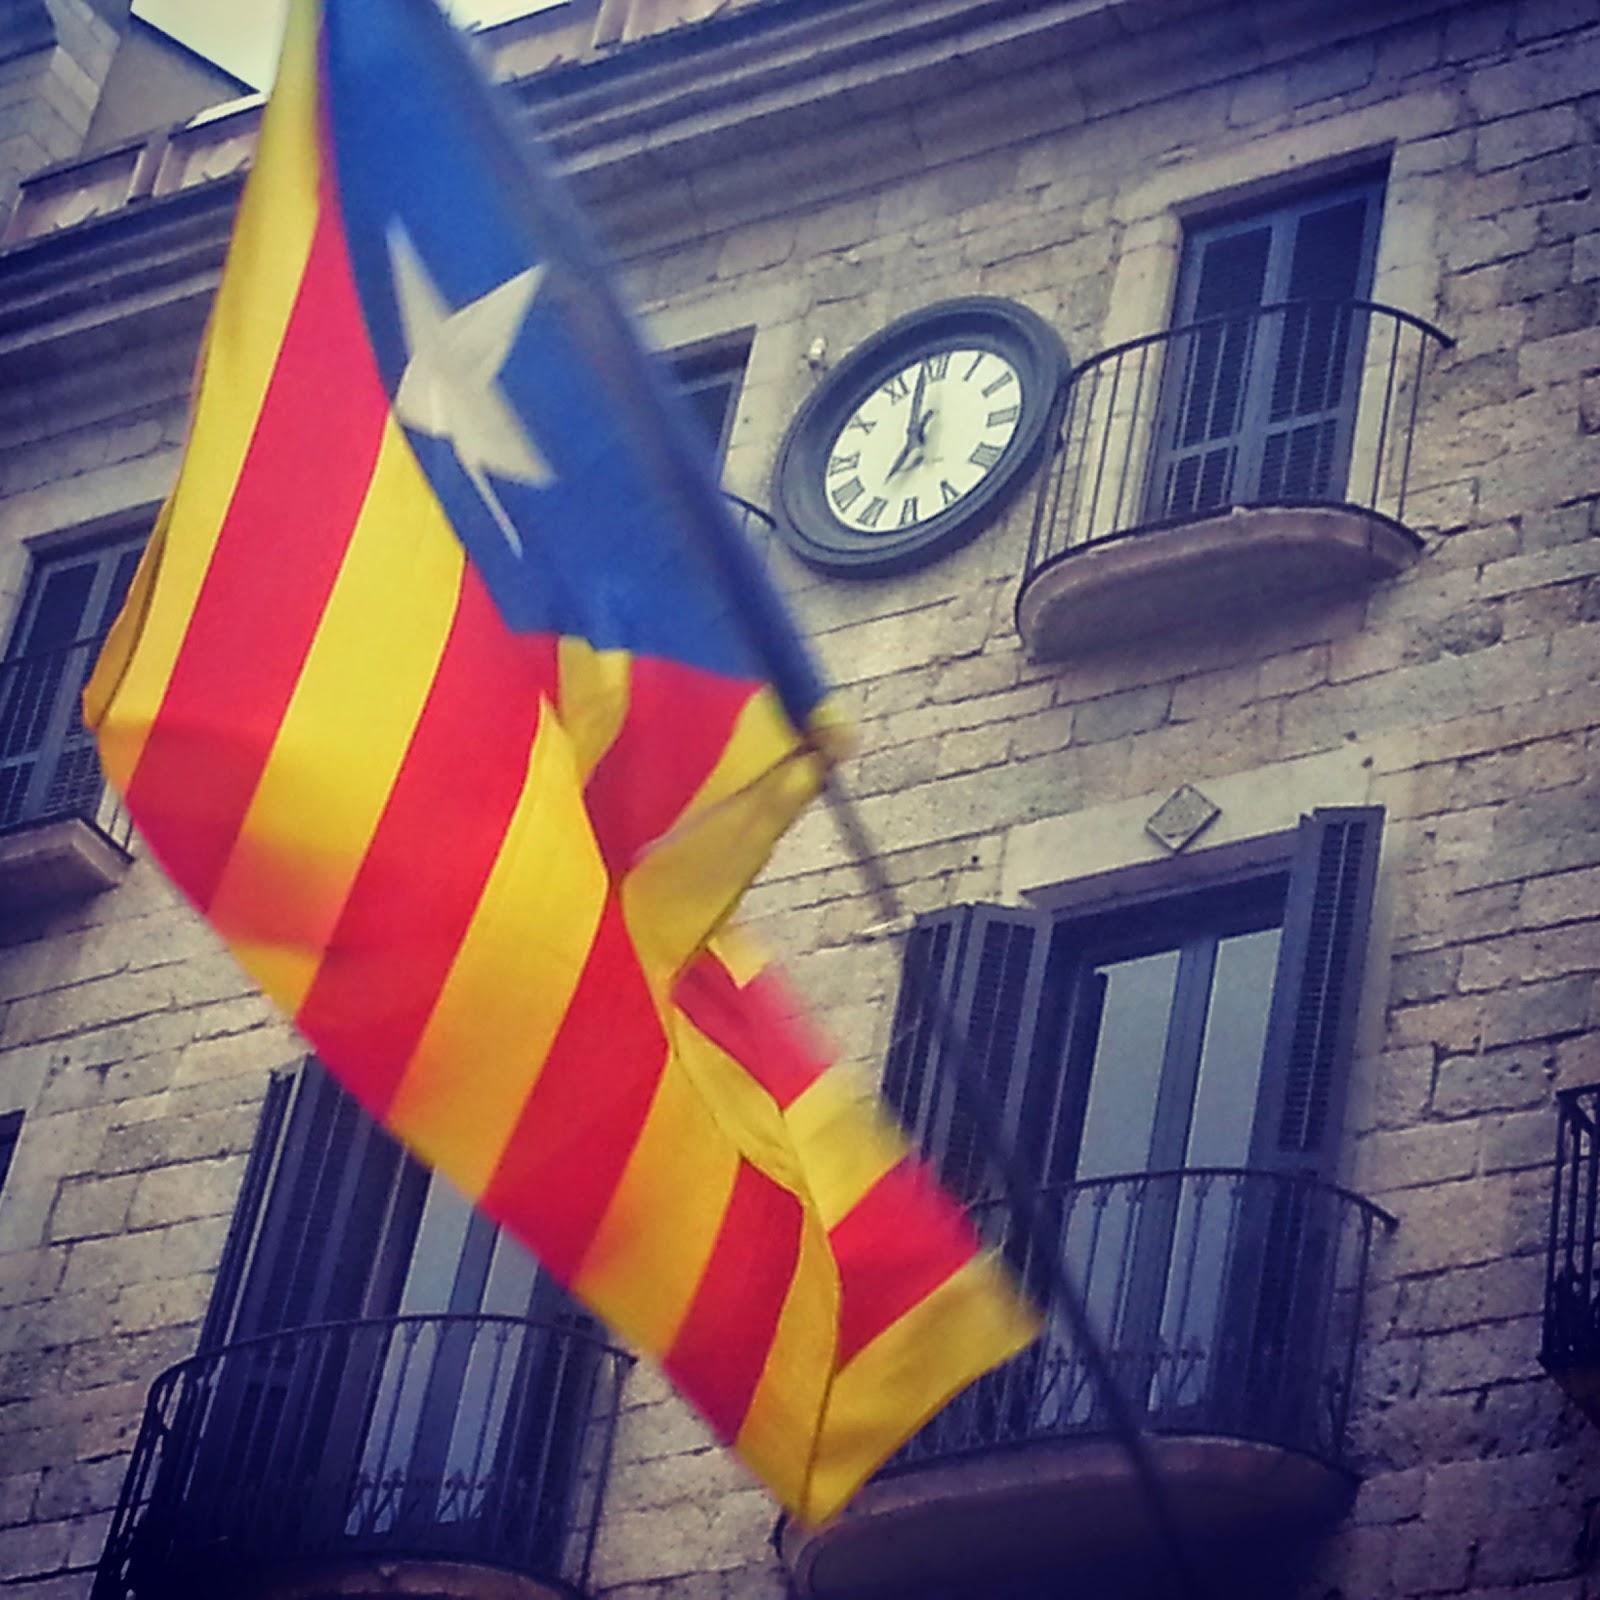 Catalunya, Espanya, esperança i frustració. Article d'opinió d'en Pep Cassany